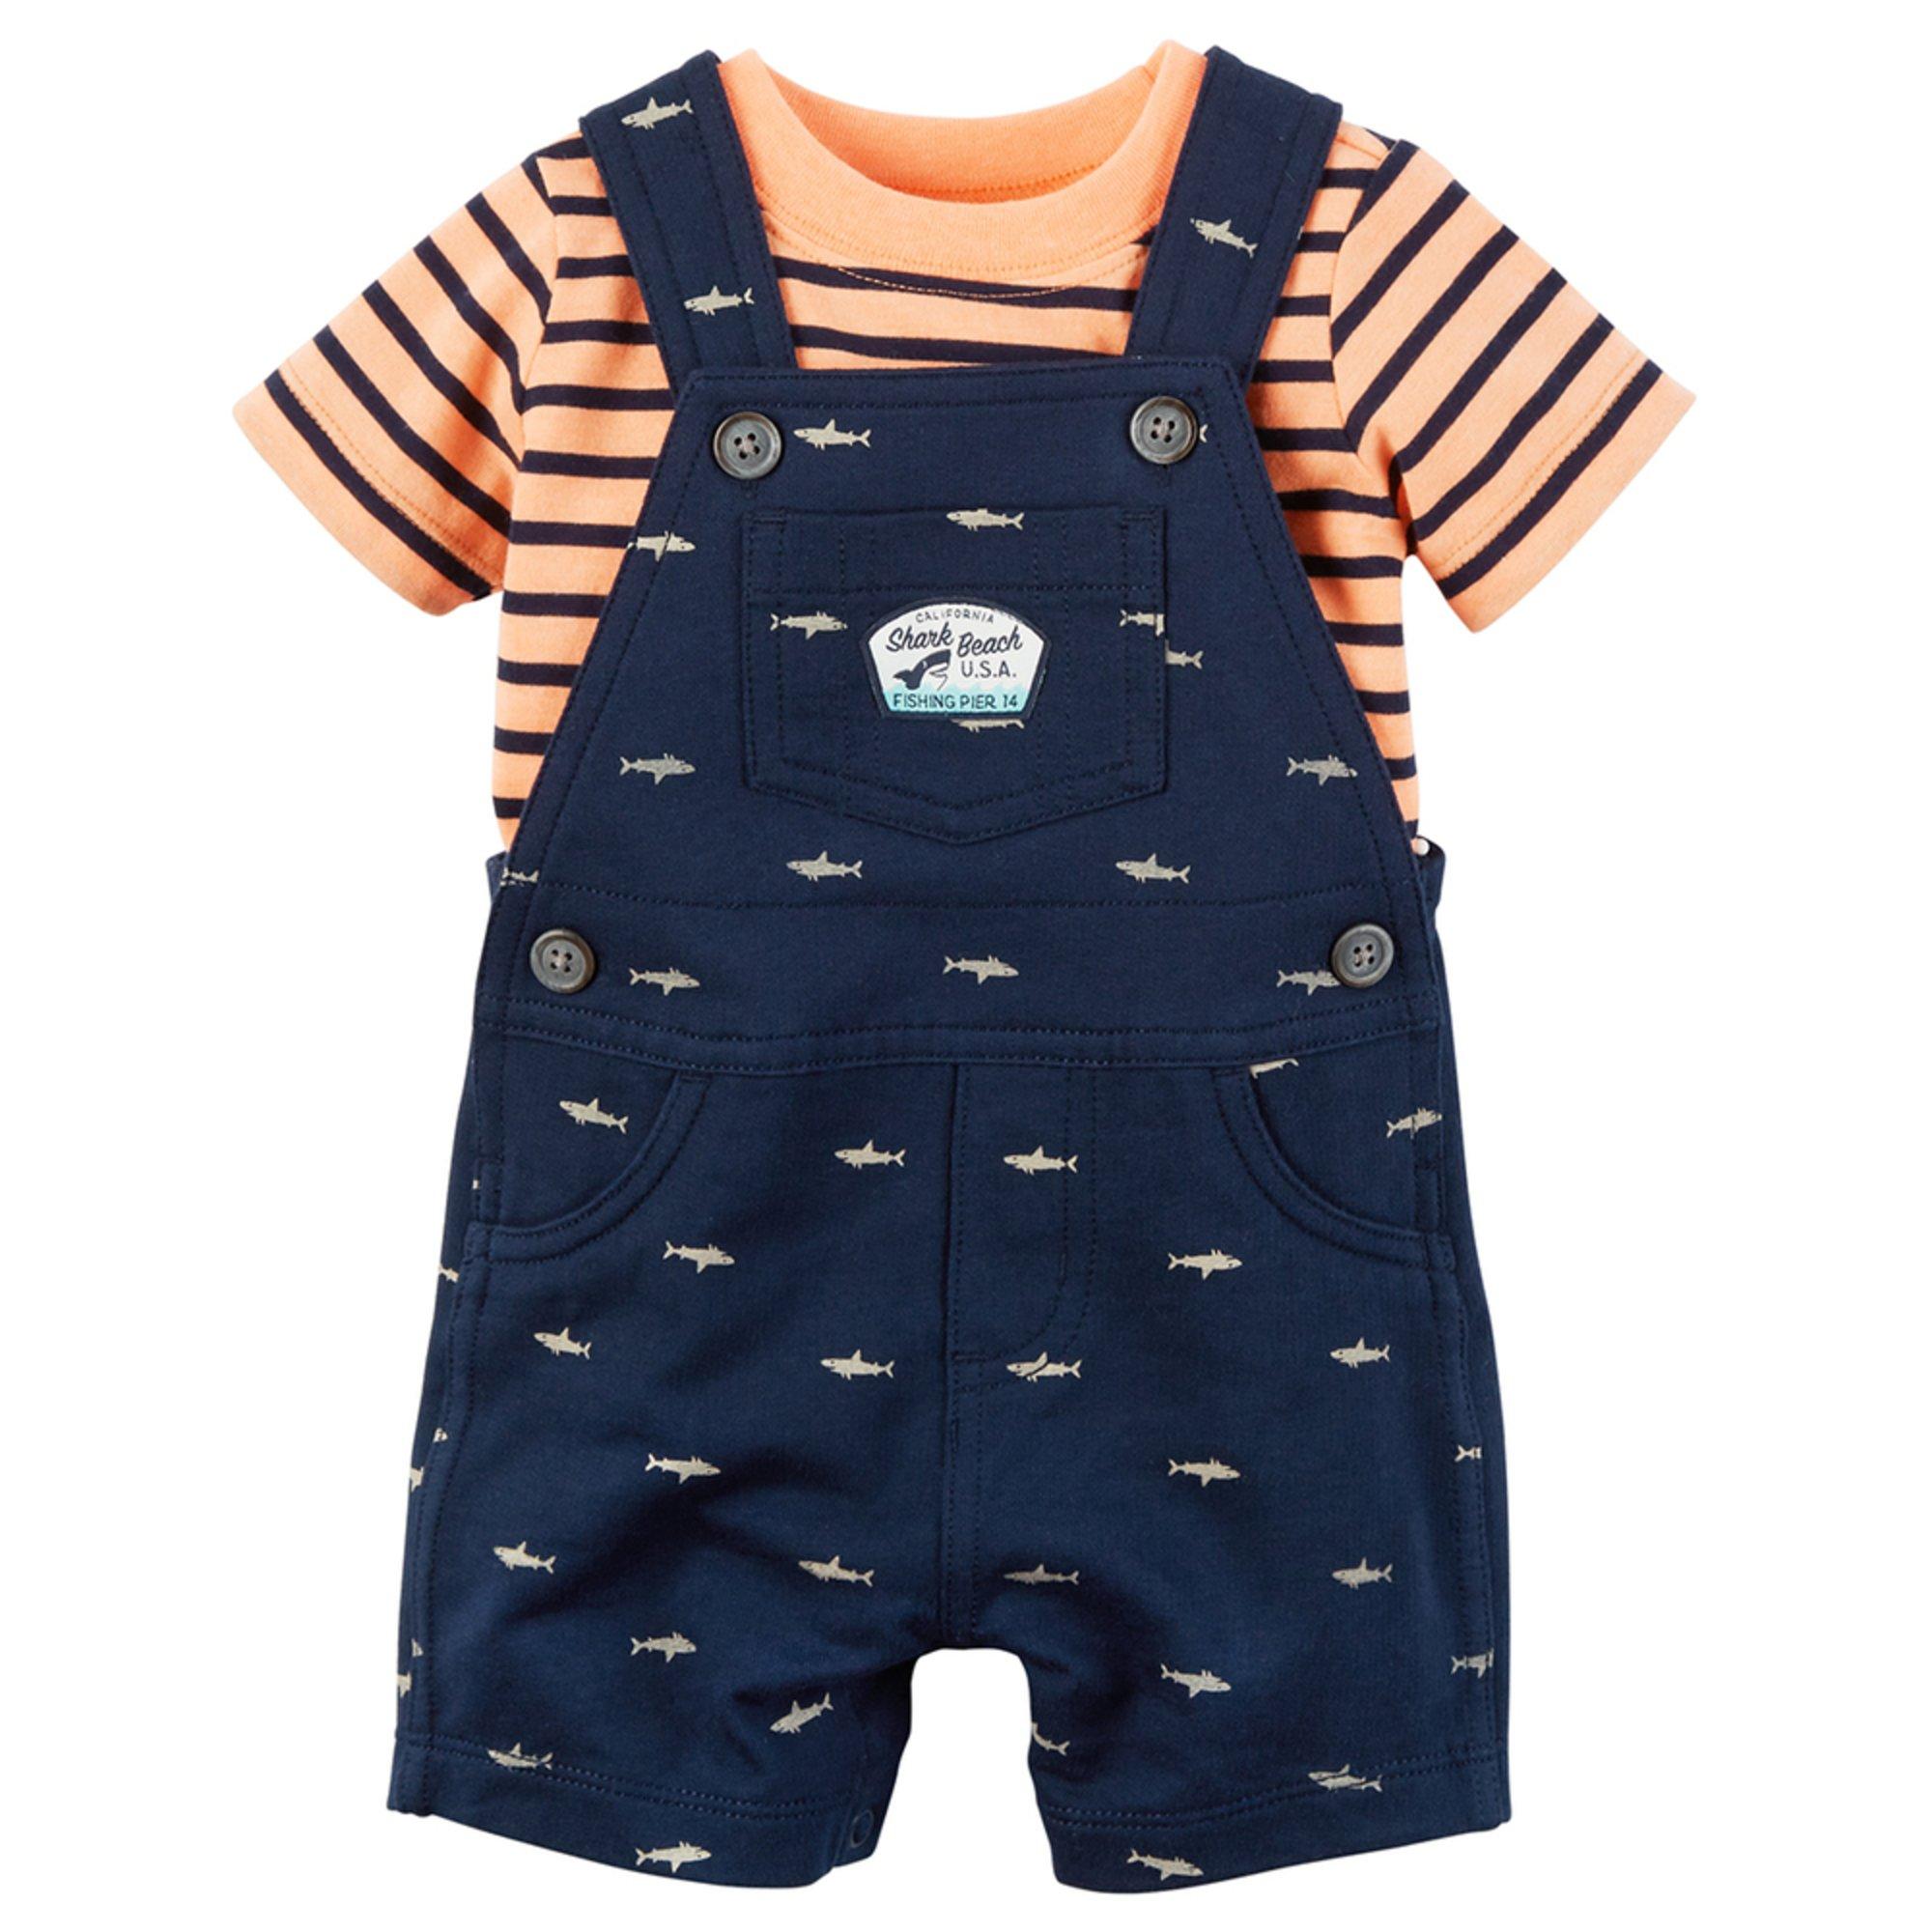 Carter's Baby Boys' 2-piece Neon Top And Shark Shortalls ...